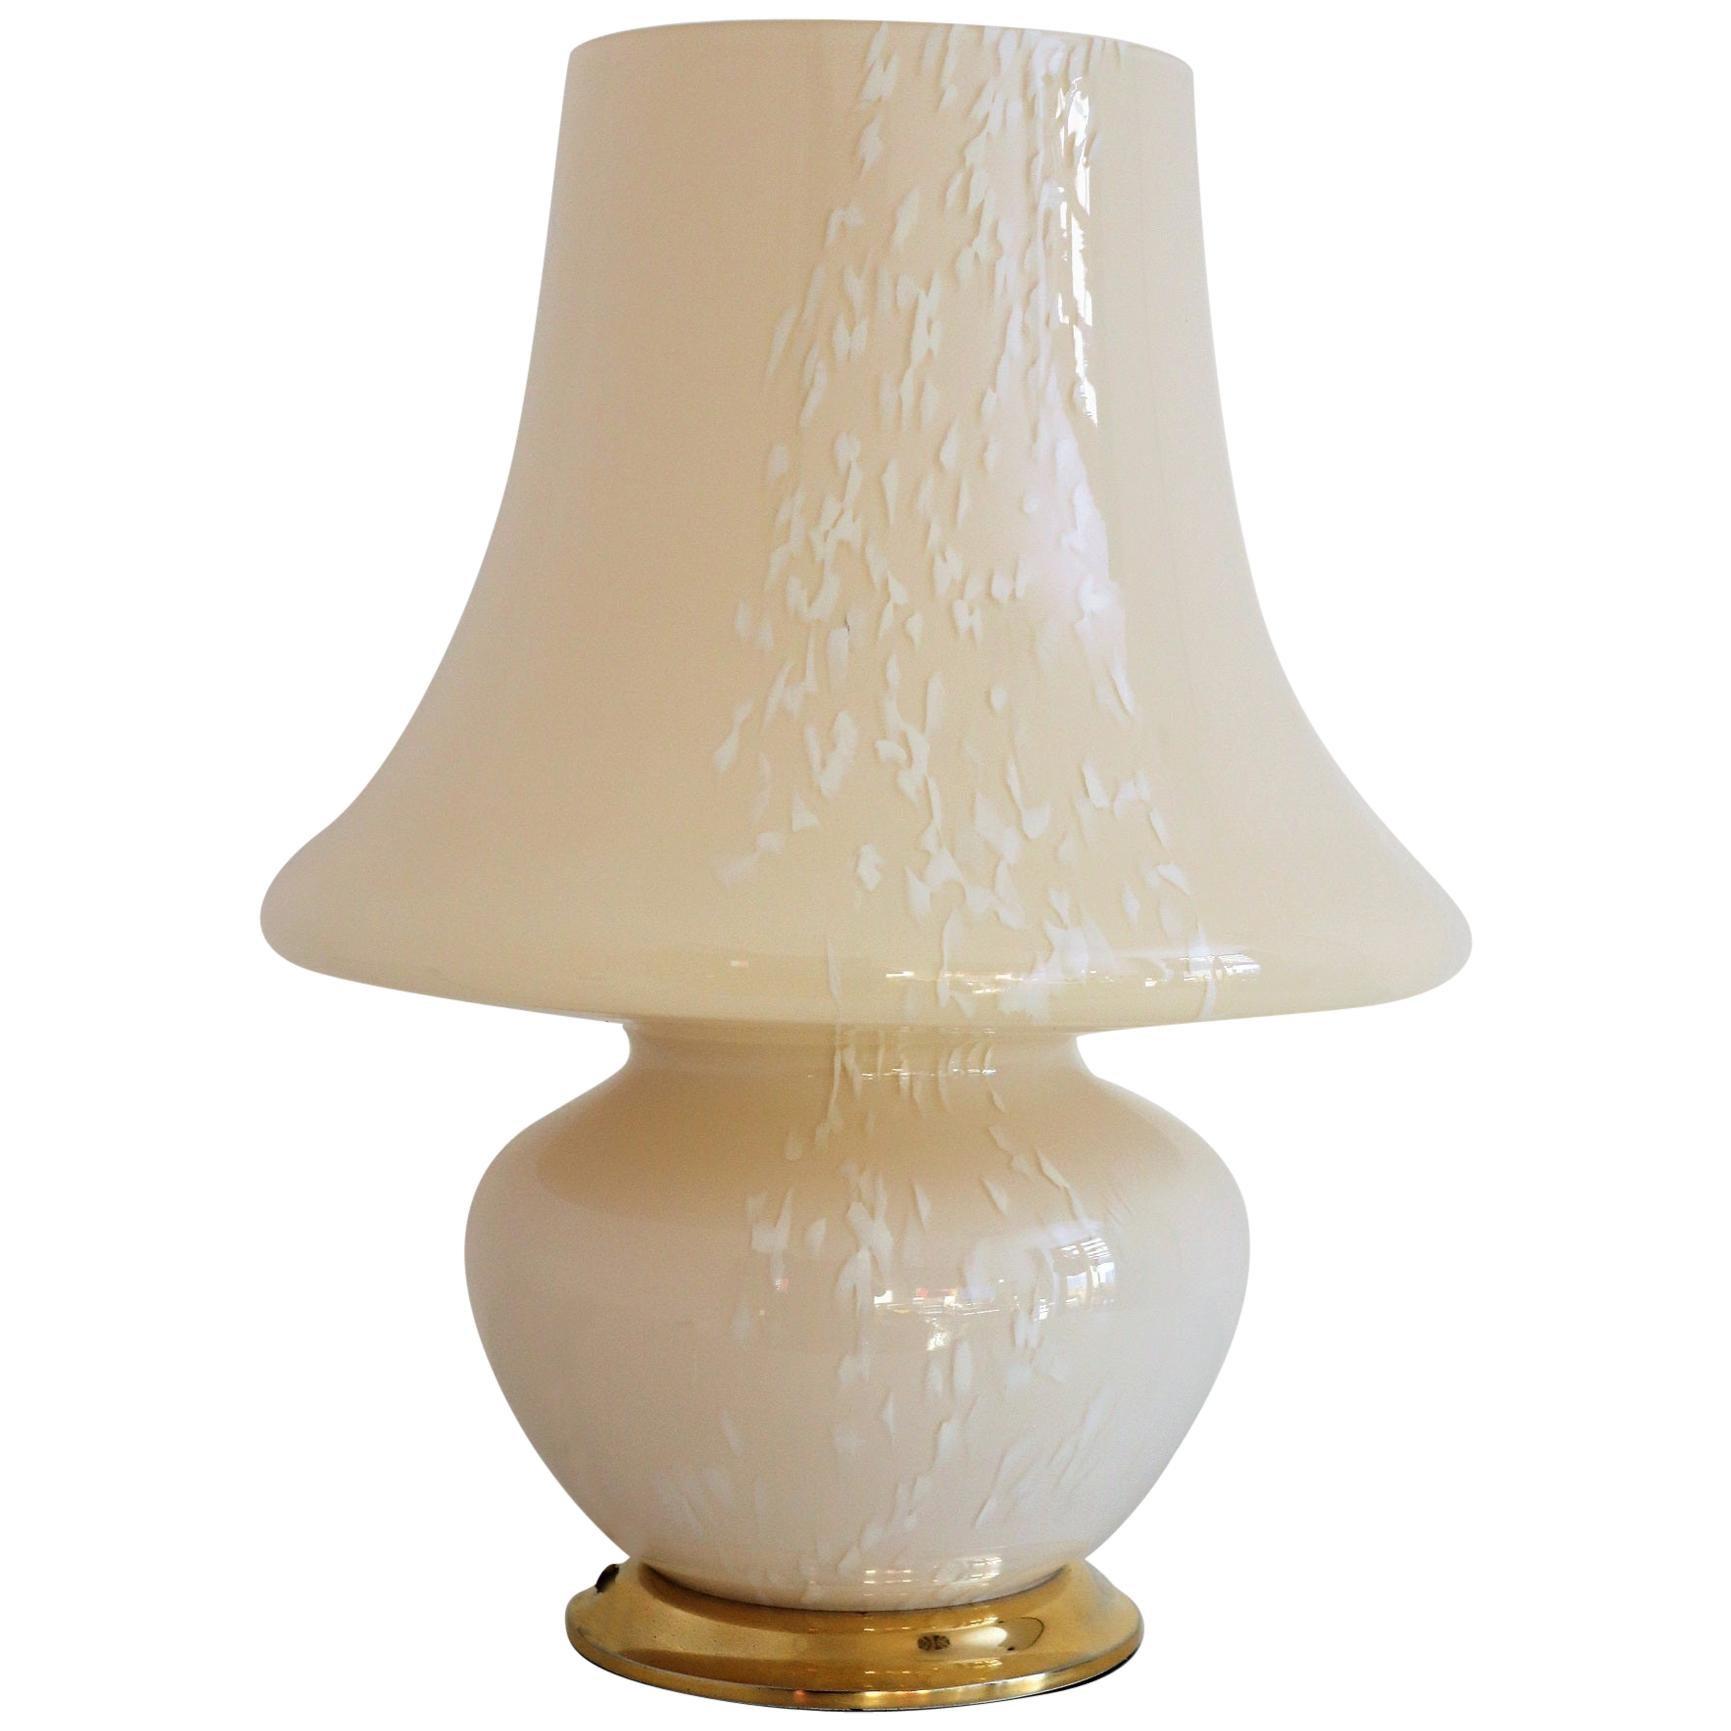 Italian Murano Glass Mushroom Table Lamp in Yellow Amber Glass, 1970s